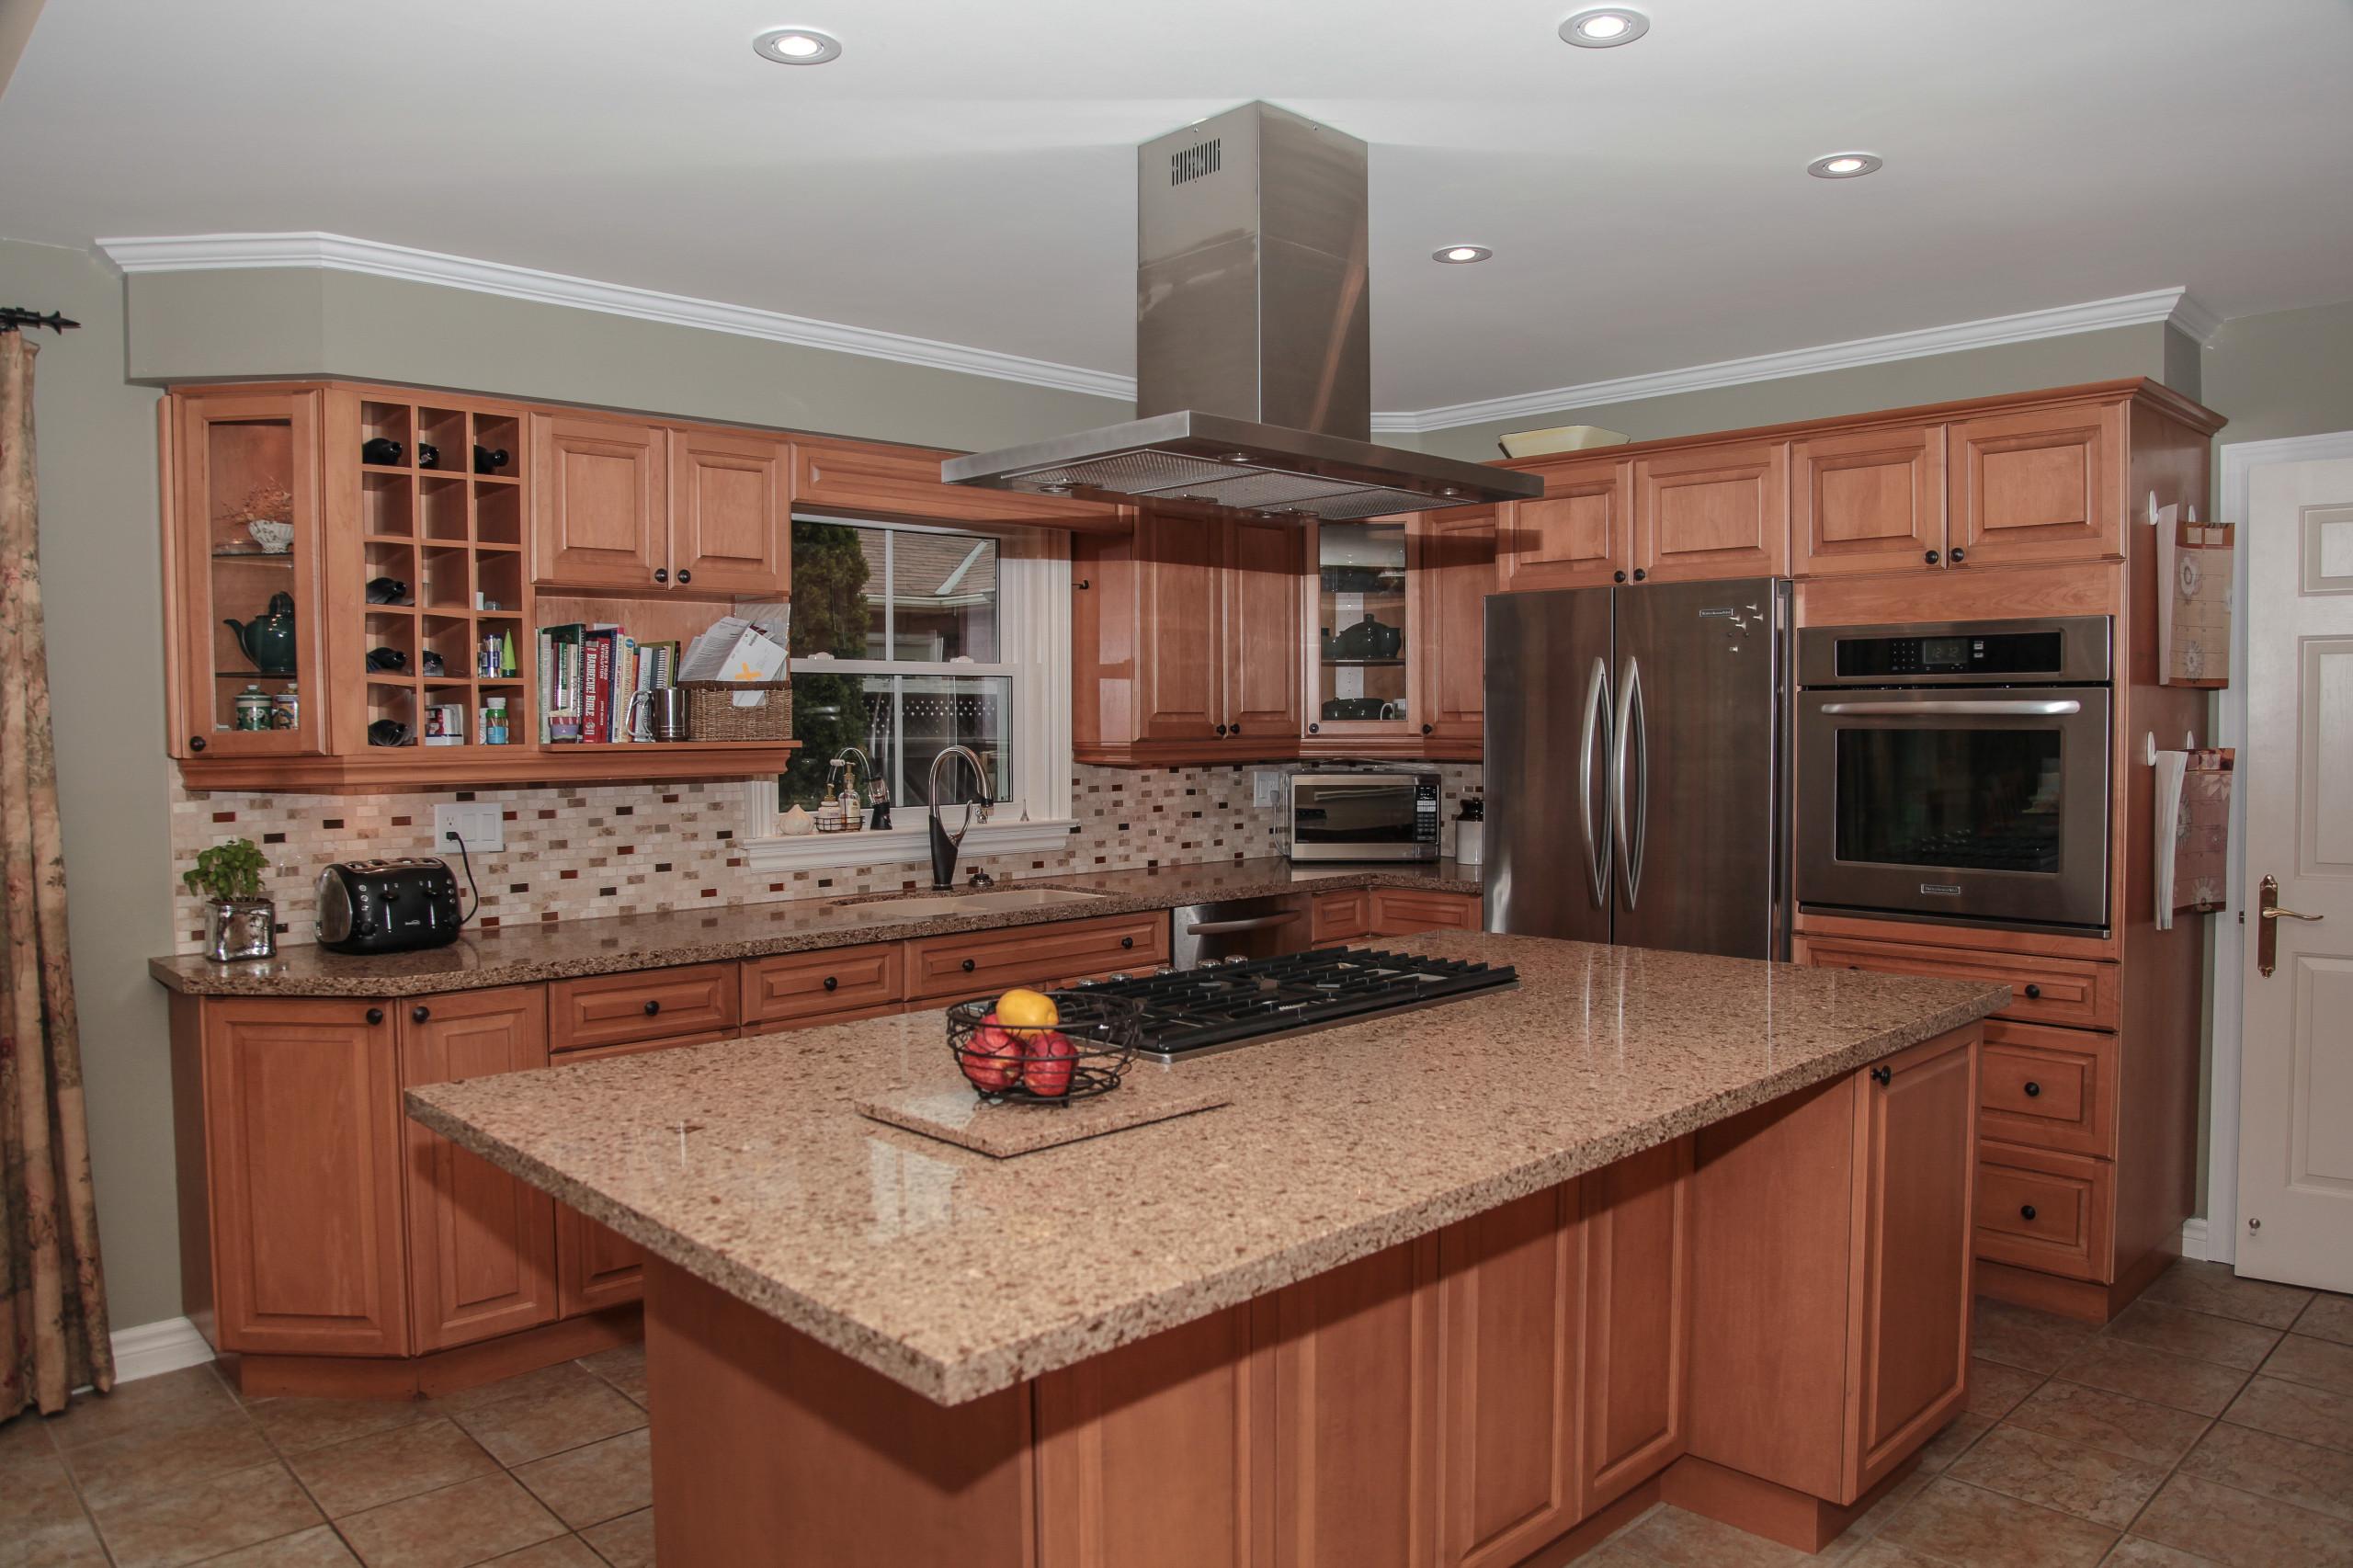 Whitburn Kitchen refurb